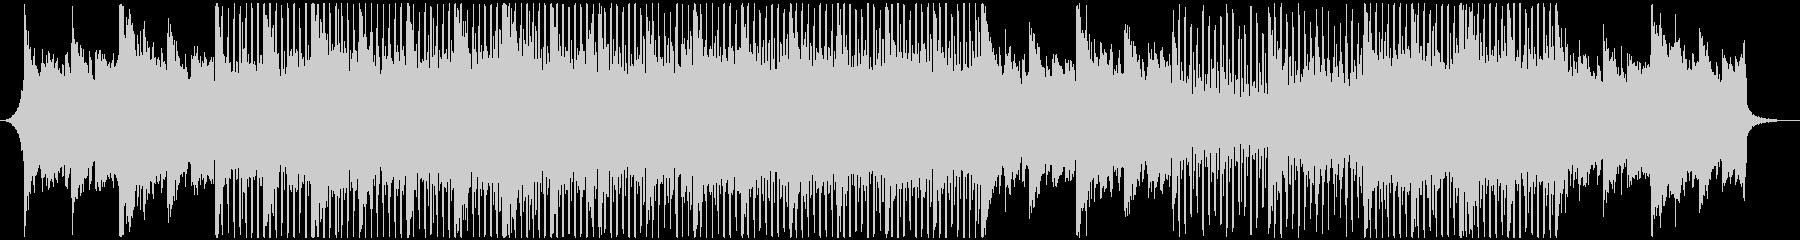 タイムラプスやコーポレートムービーBGMの未再生の波形